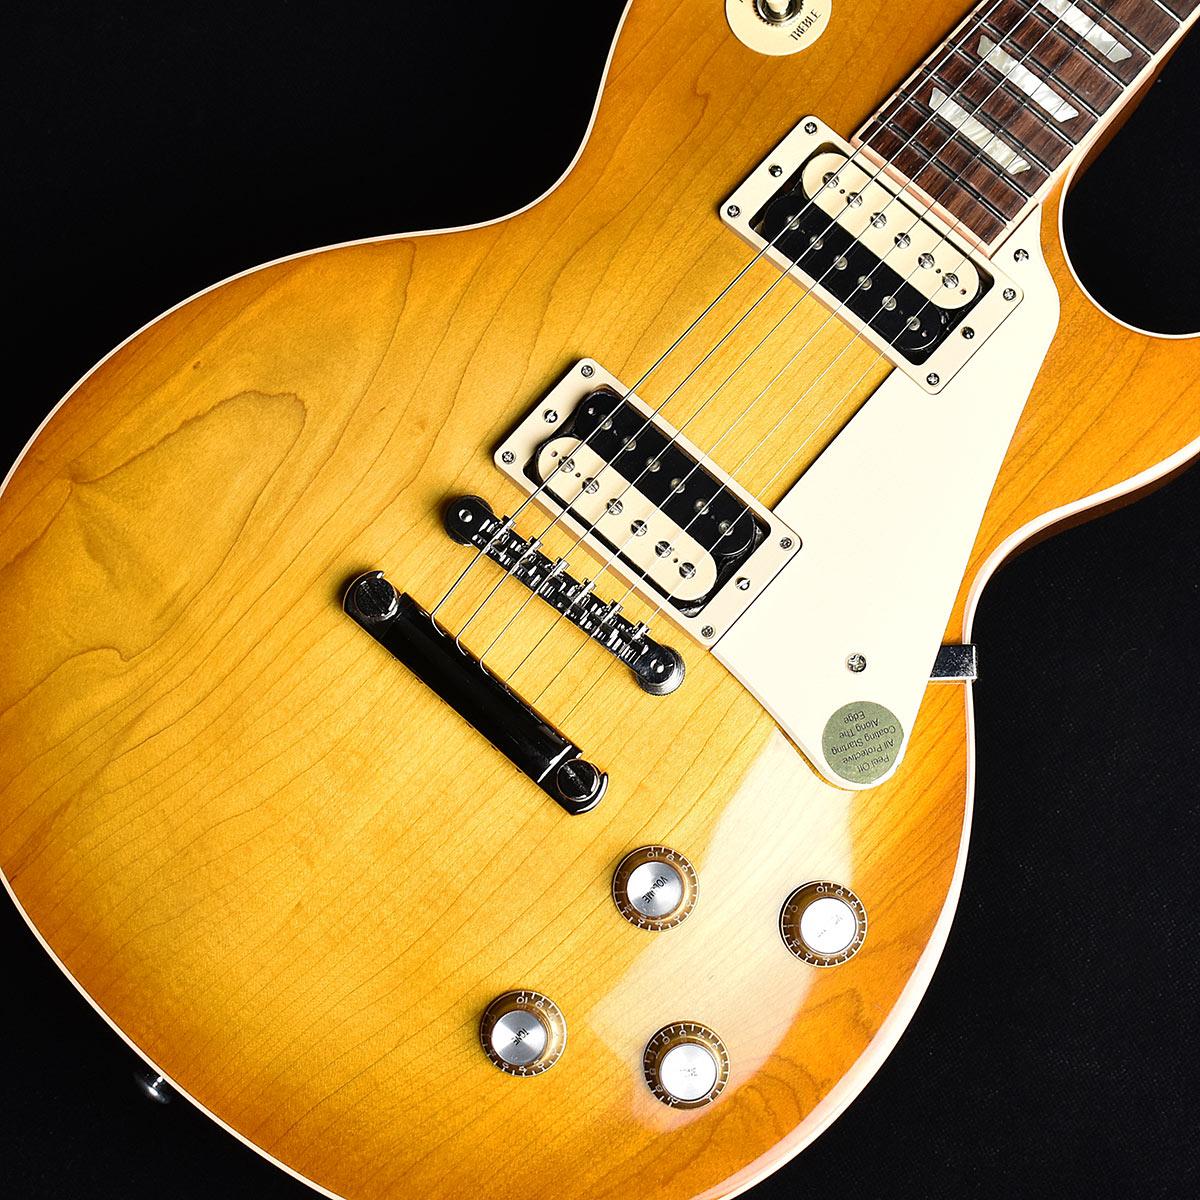 Gibson Les Paul Classic 2019 Honey Burst S/N:104490044 【ギブソン レスポールクラシック】【未展示品】